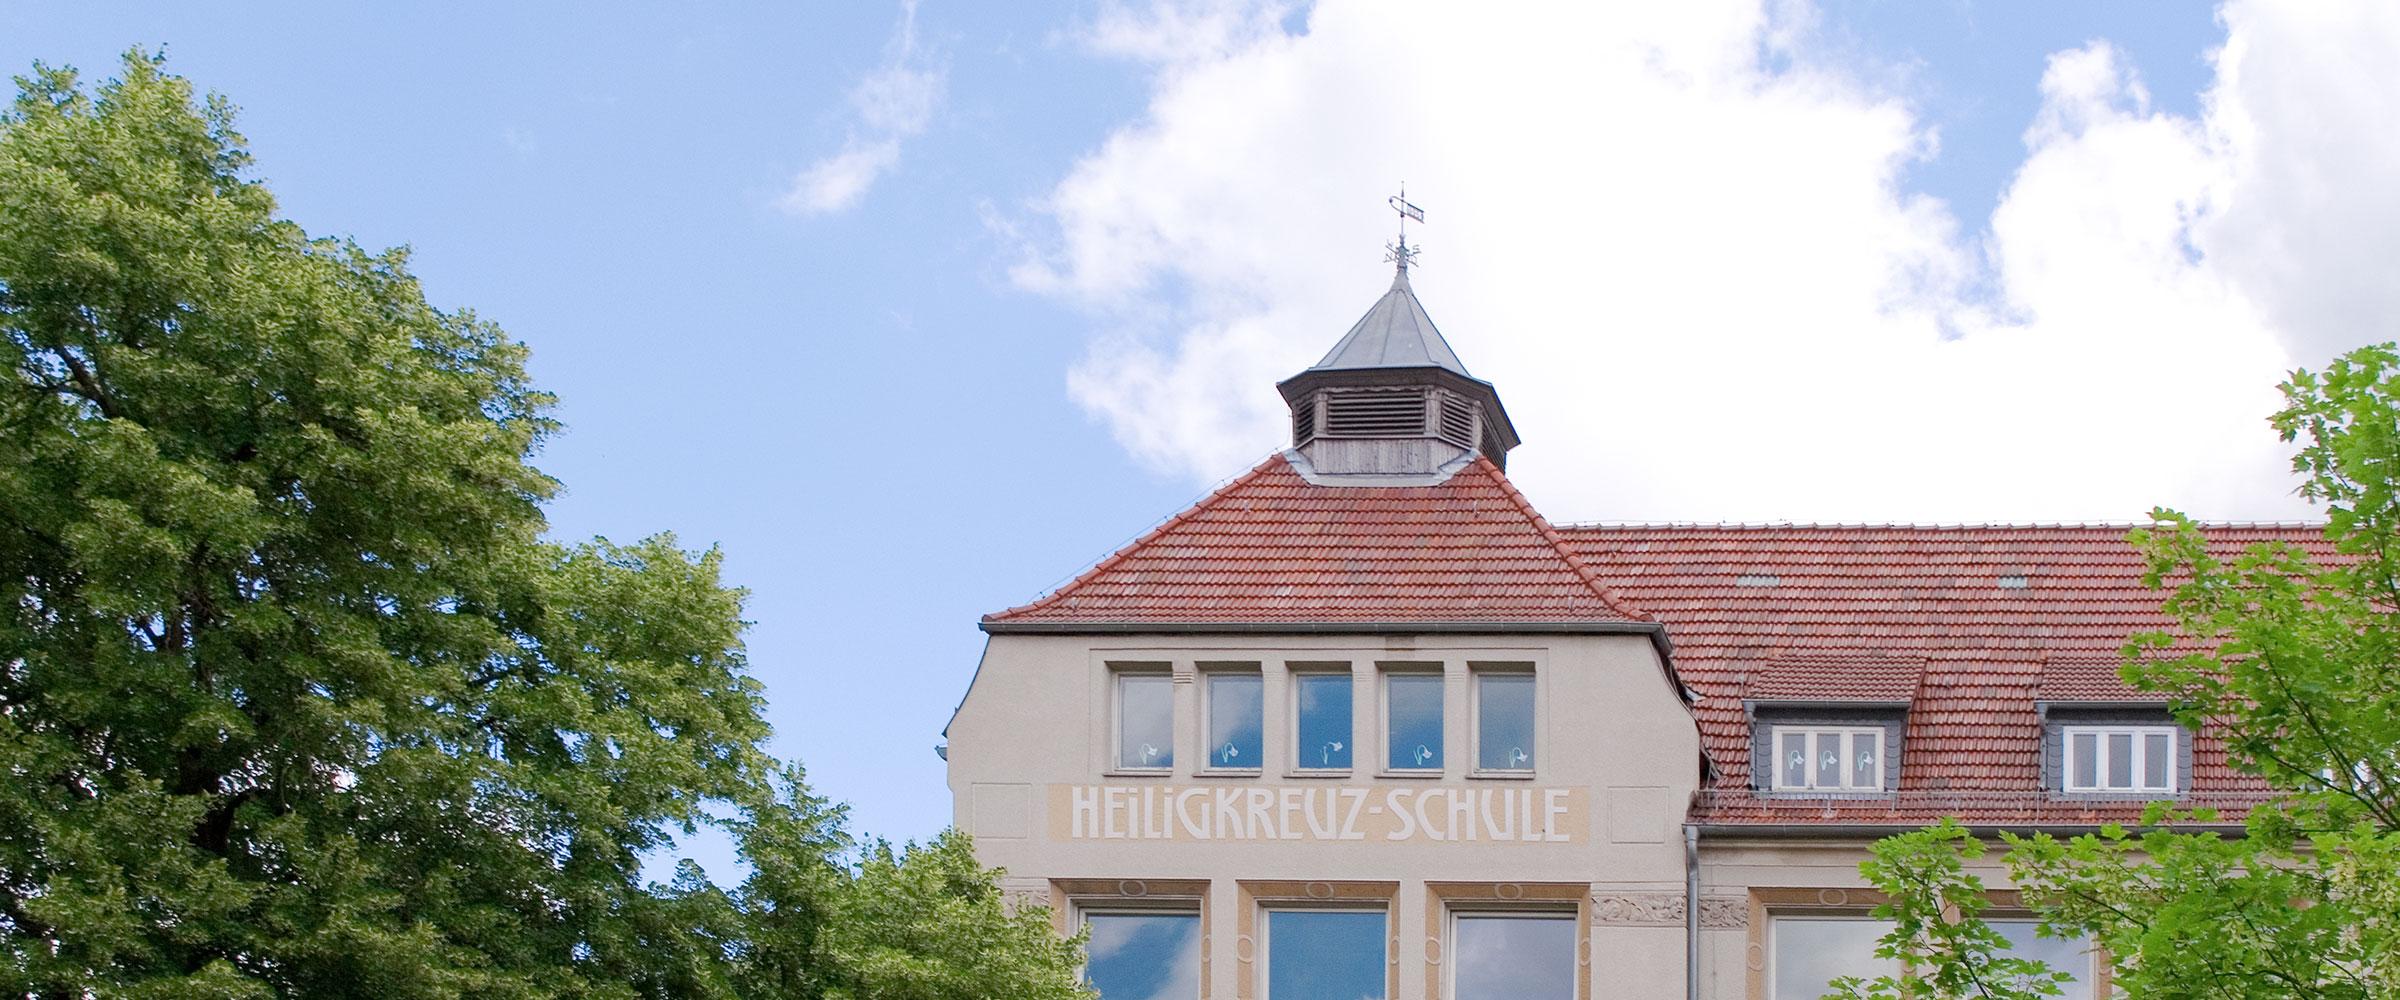 heiligkreuz_banner_1